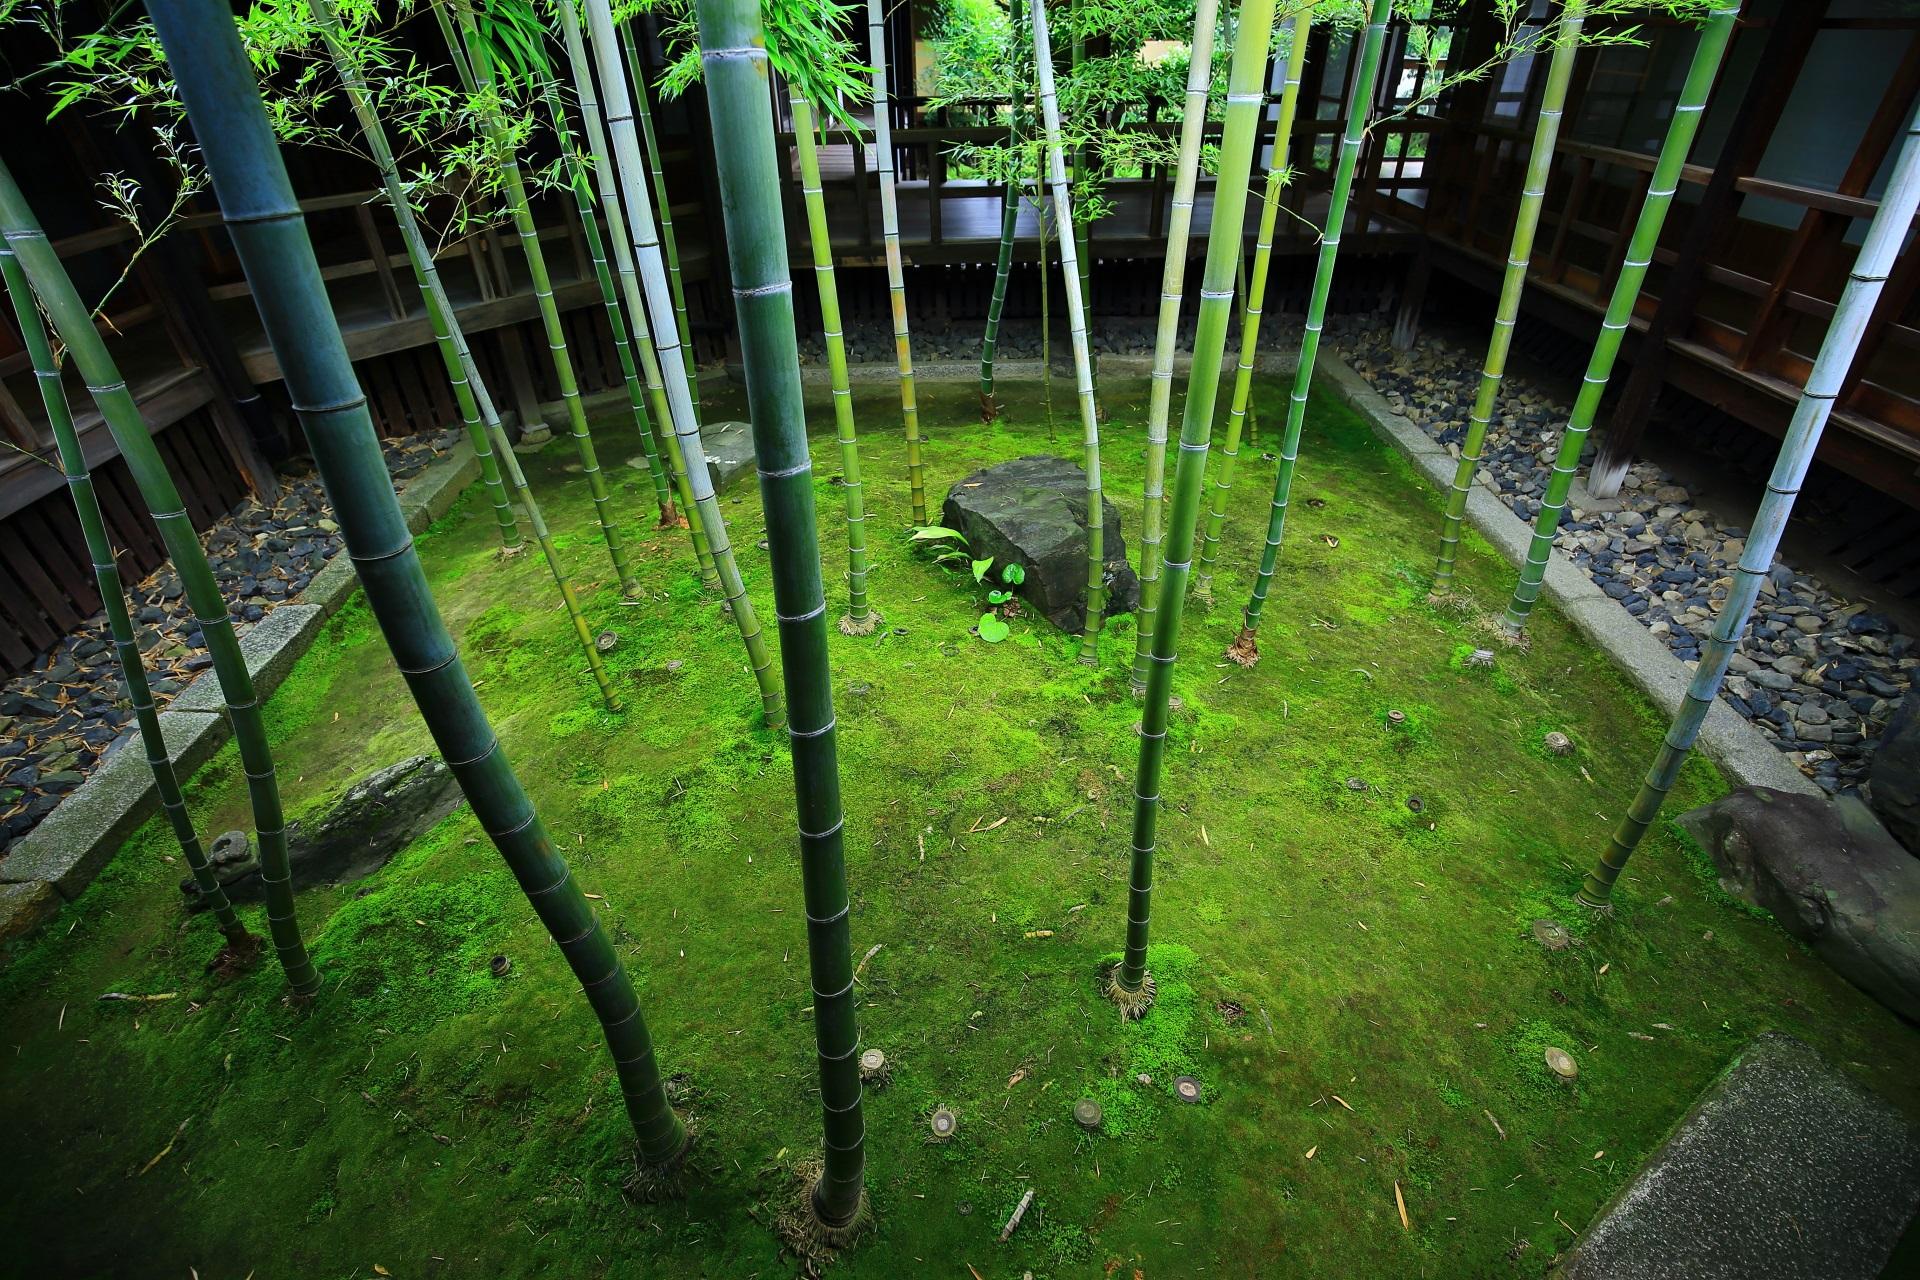 妙顕寺 庭園 美しさと風情のある名庭と彩り